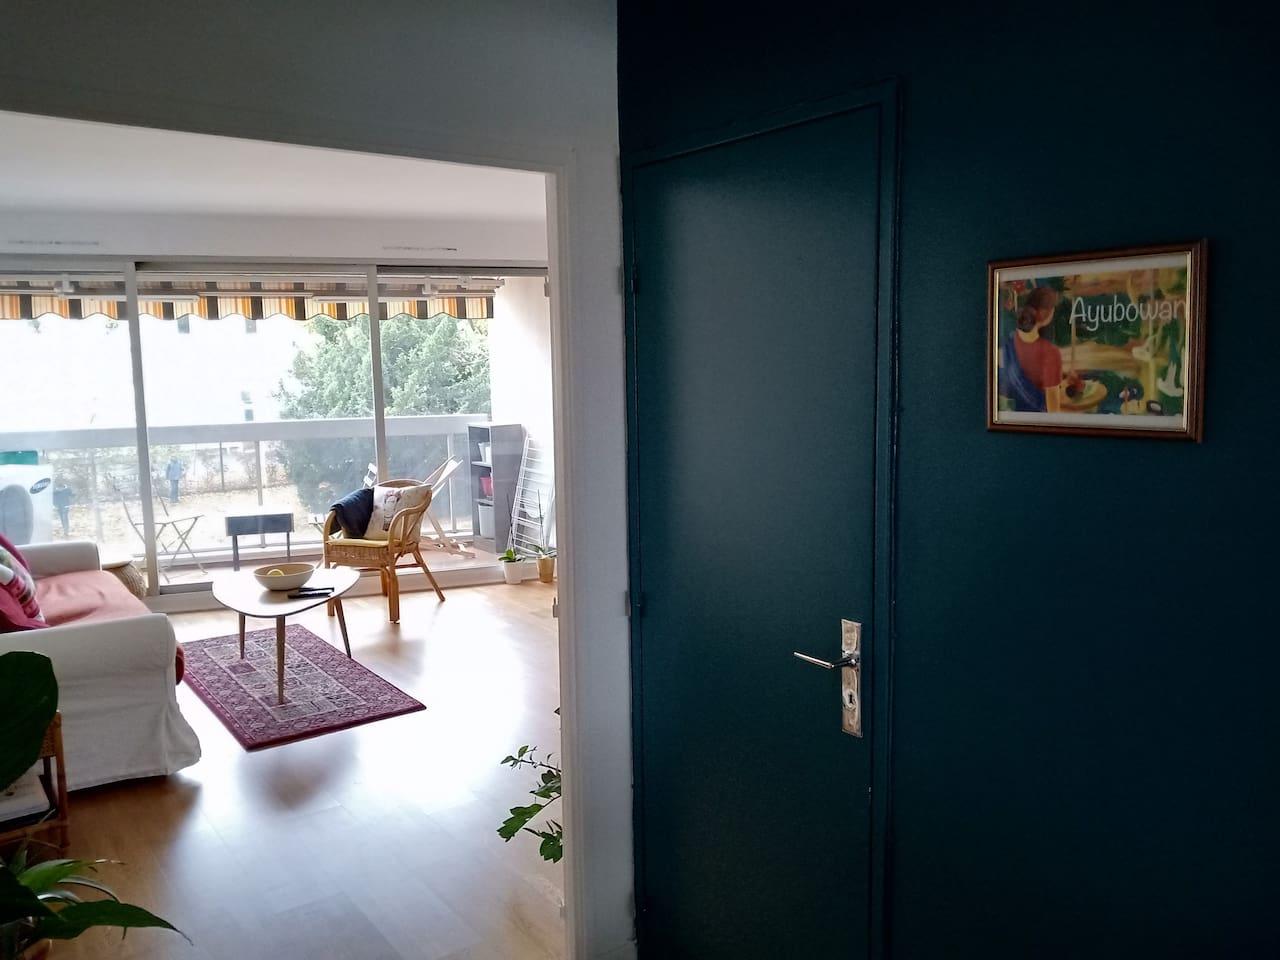 Entrée de l'appartement / Main entrance of the flat